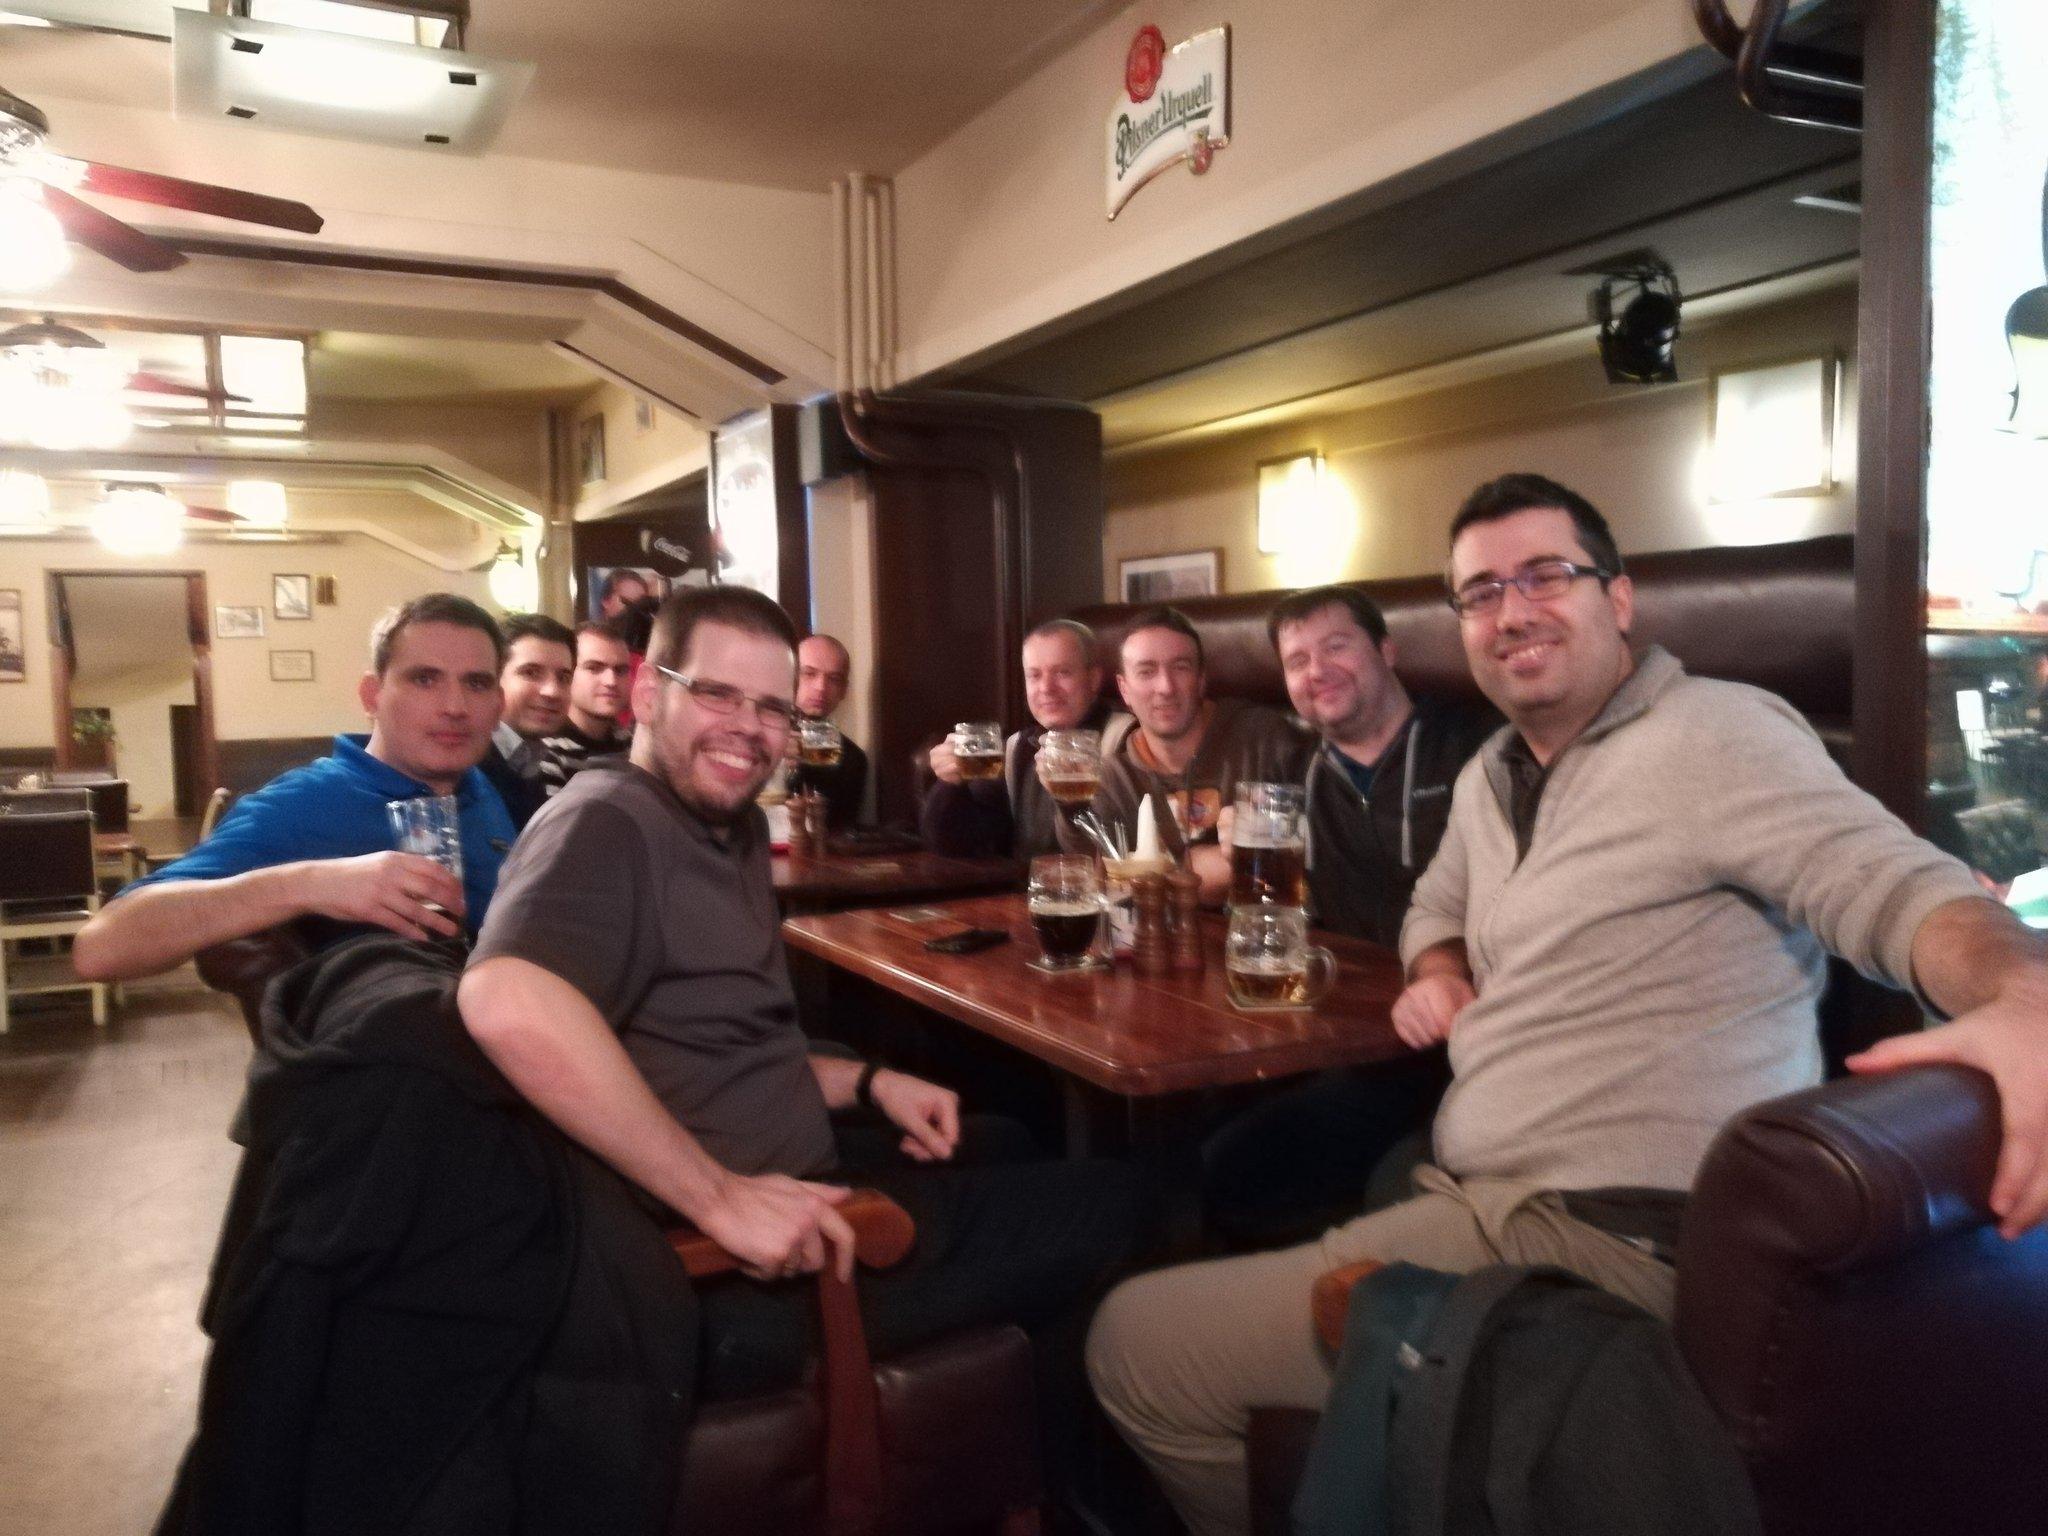 Left to right: David Pasek (VMware), Michal Hrnčiřík (Runecast), Ivaylo Ivanov (Runecast), Manfred Hofer (VMware), Nikita Palchikov (Runecast), Andrea Mauro (vinfrastructure.it), Paolo Valsecchi (nolabnoparty.com), Karel Novak (Czech VMUG Leader), Stanimir Markov (Runecast).